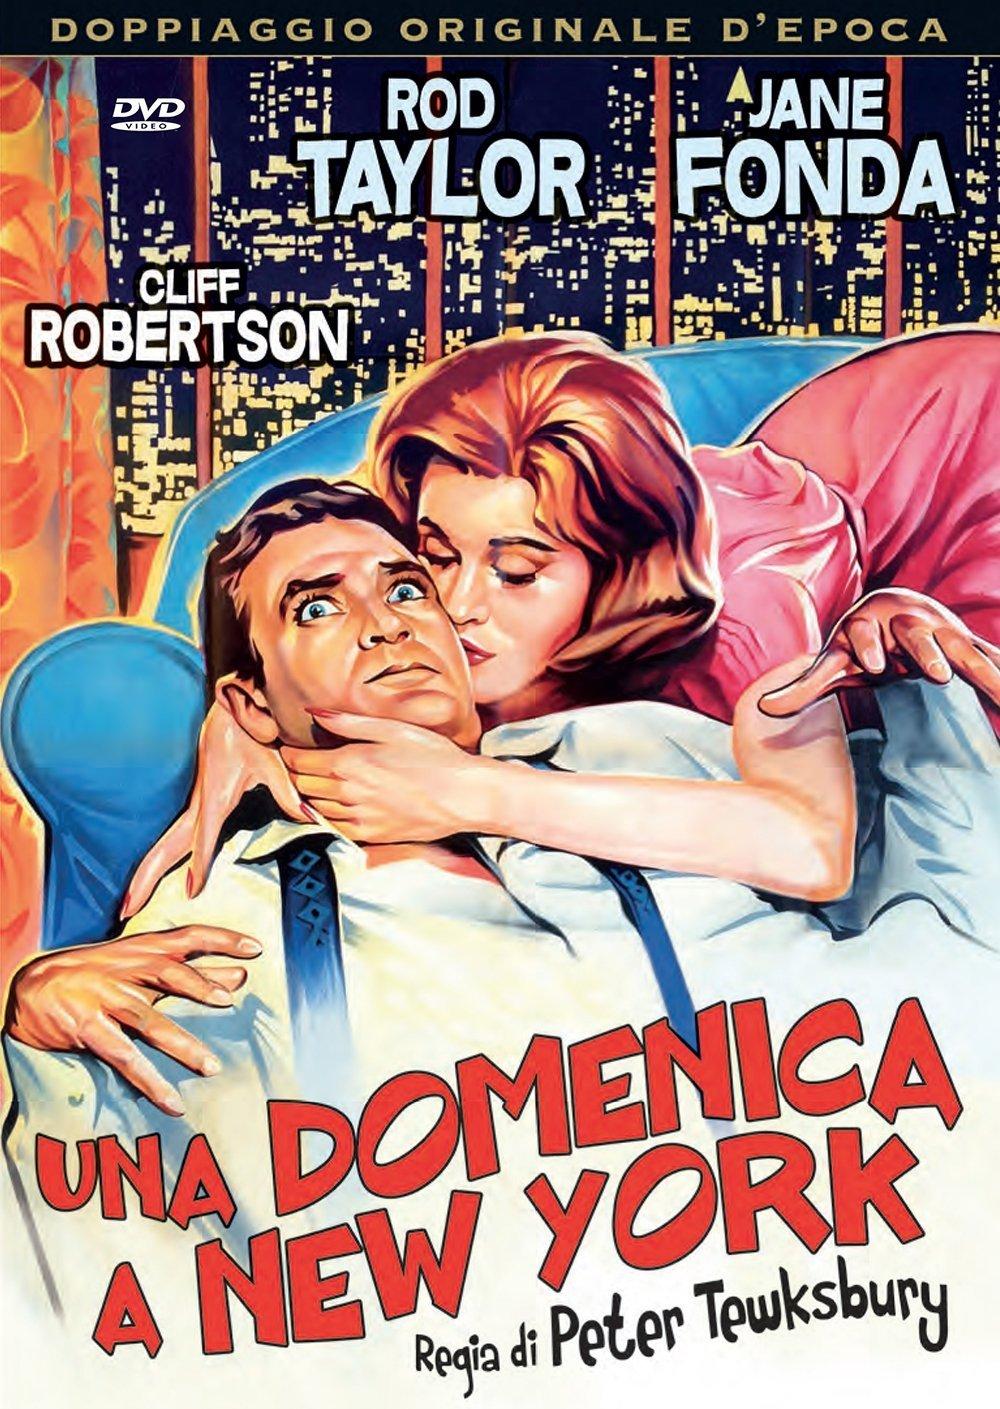 UNA DOMENICA A NEW YORK (DVD)